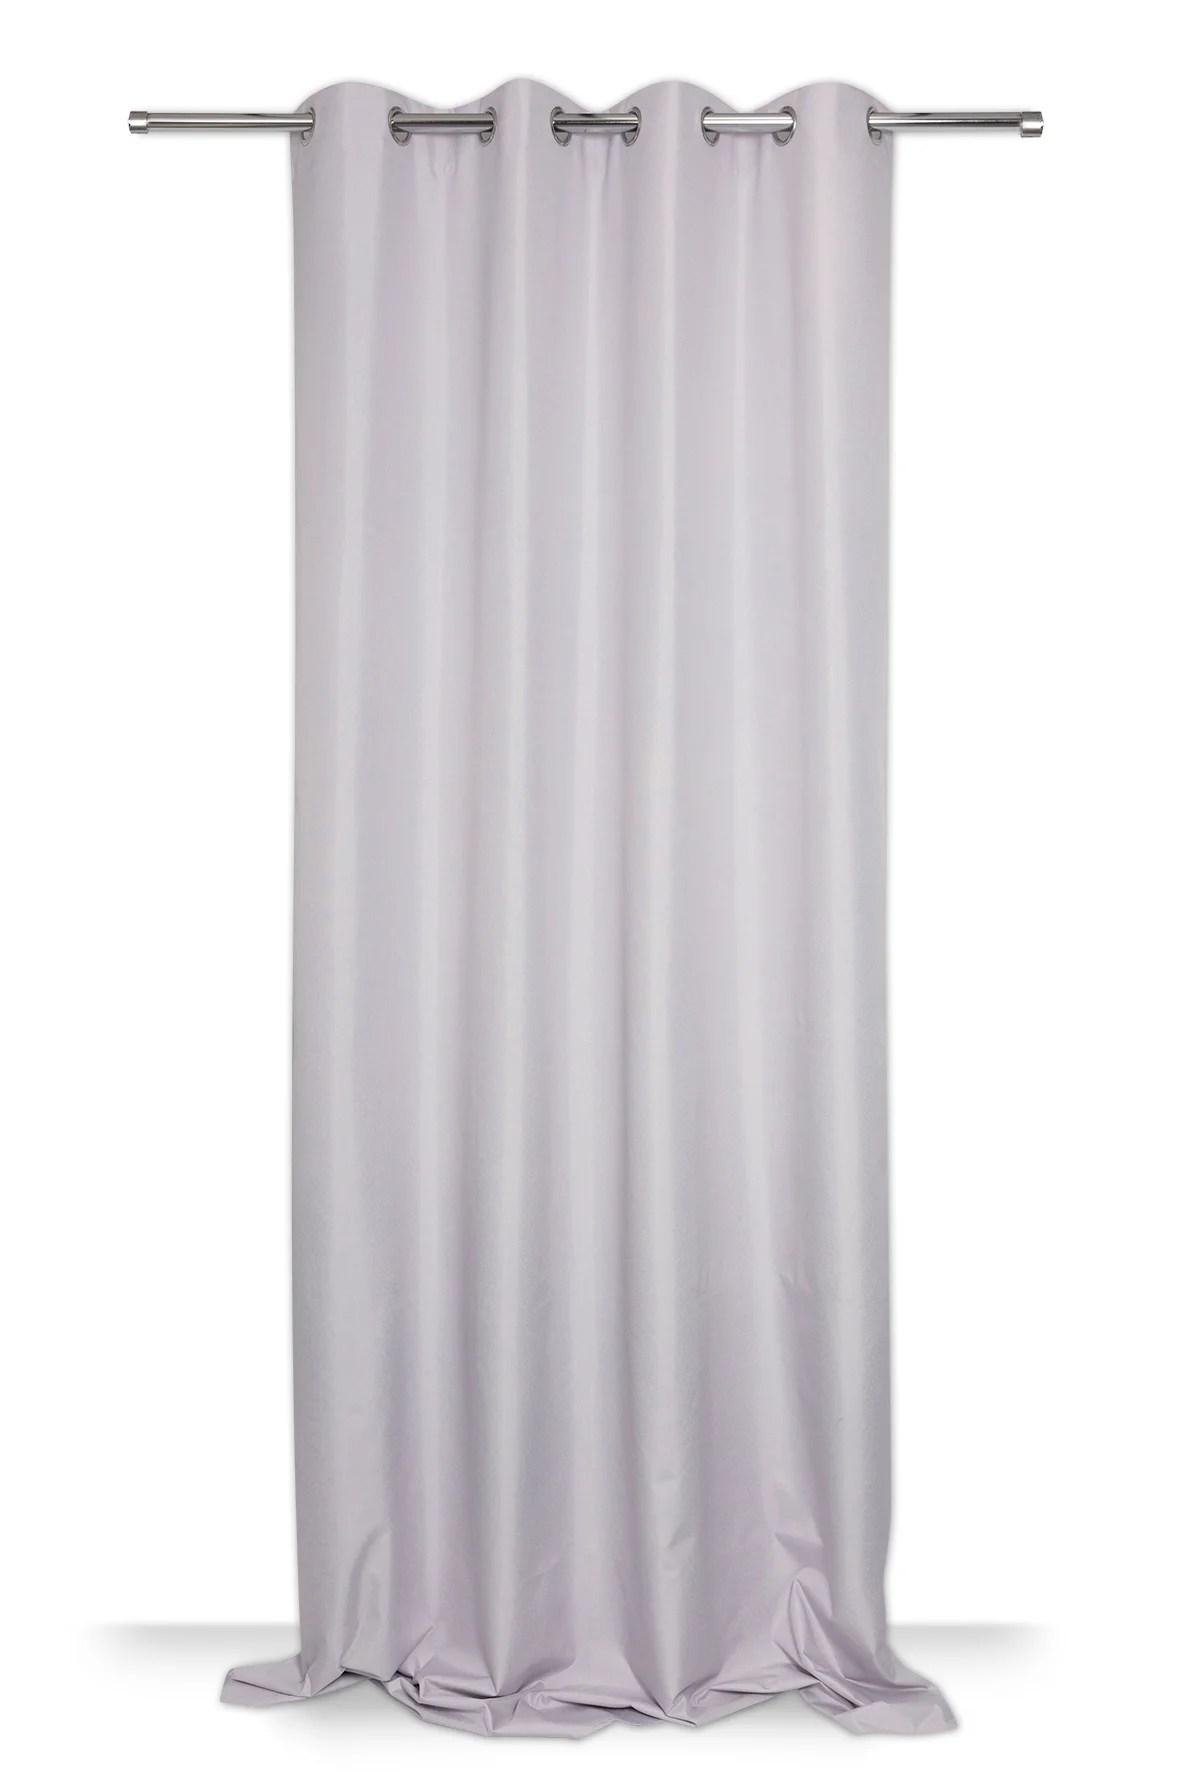 rideau occultant copenhague gris l 140 x h 300 cm